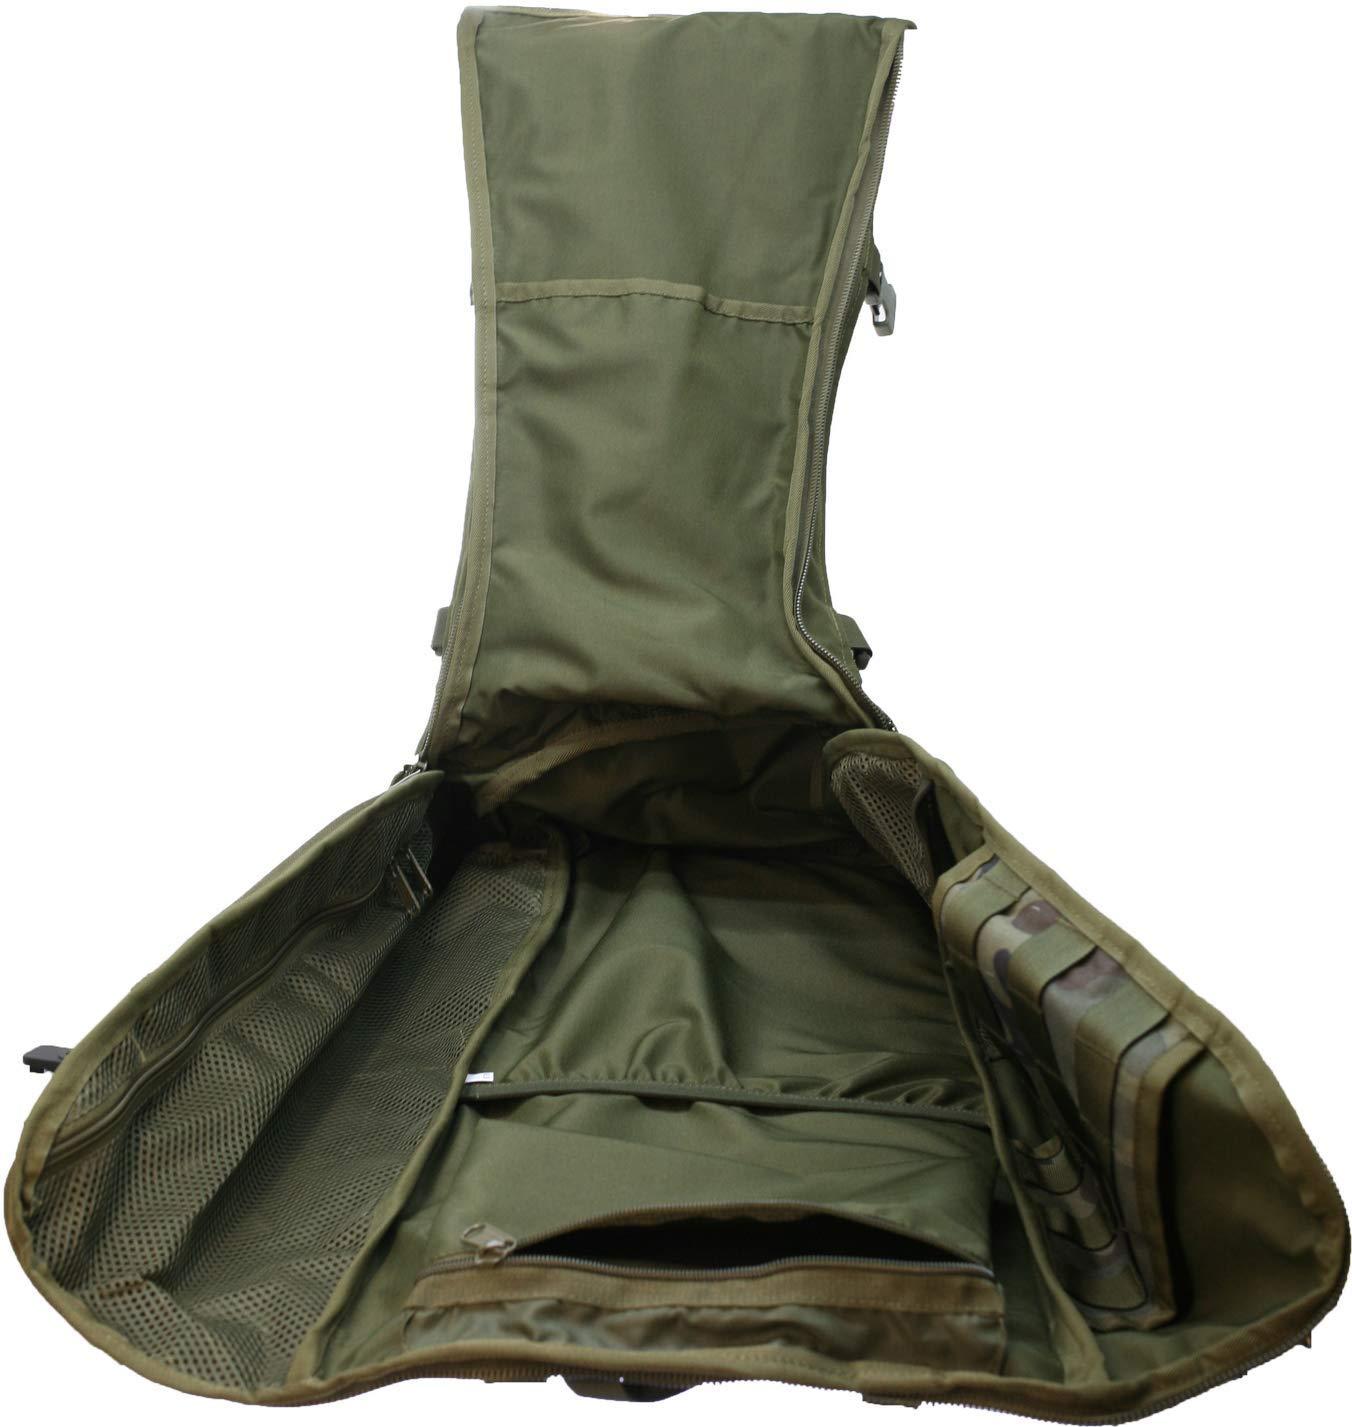 Acampan Militar Produttore dellesercito polacc MOLLE 5 anni di garanzia! Senderismo Pesca Cordura WiSPORT/® Zipperfox Mochila 25L o 40 litros